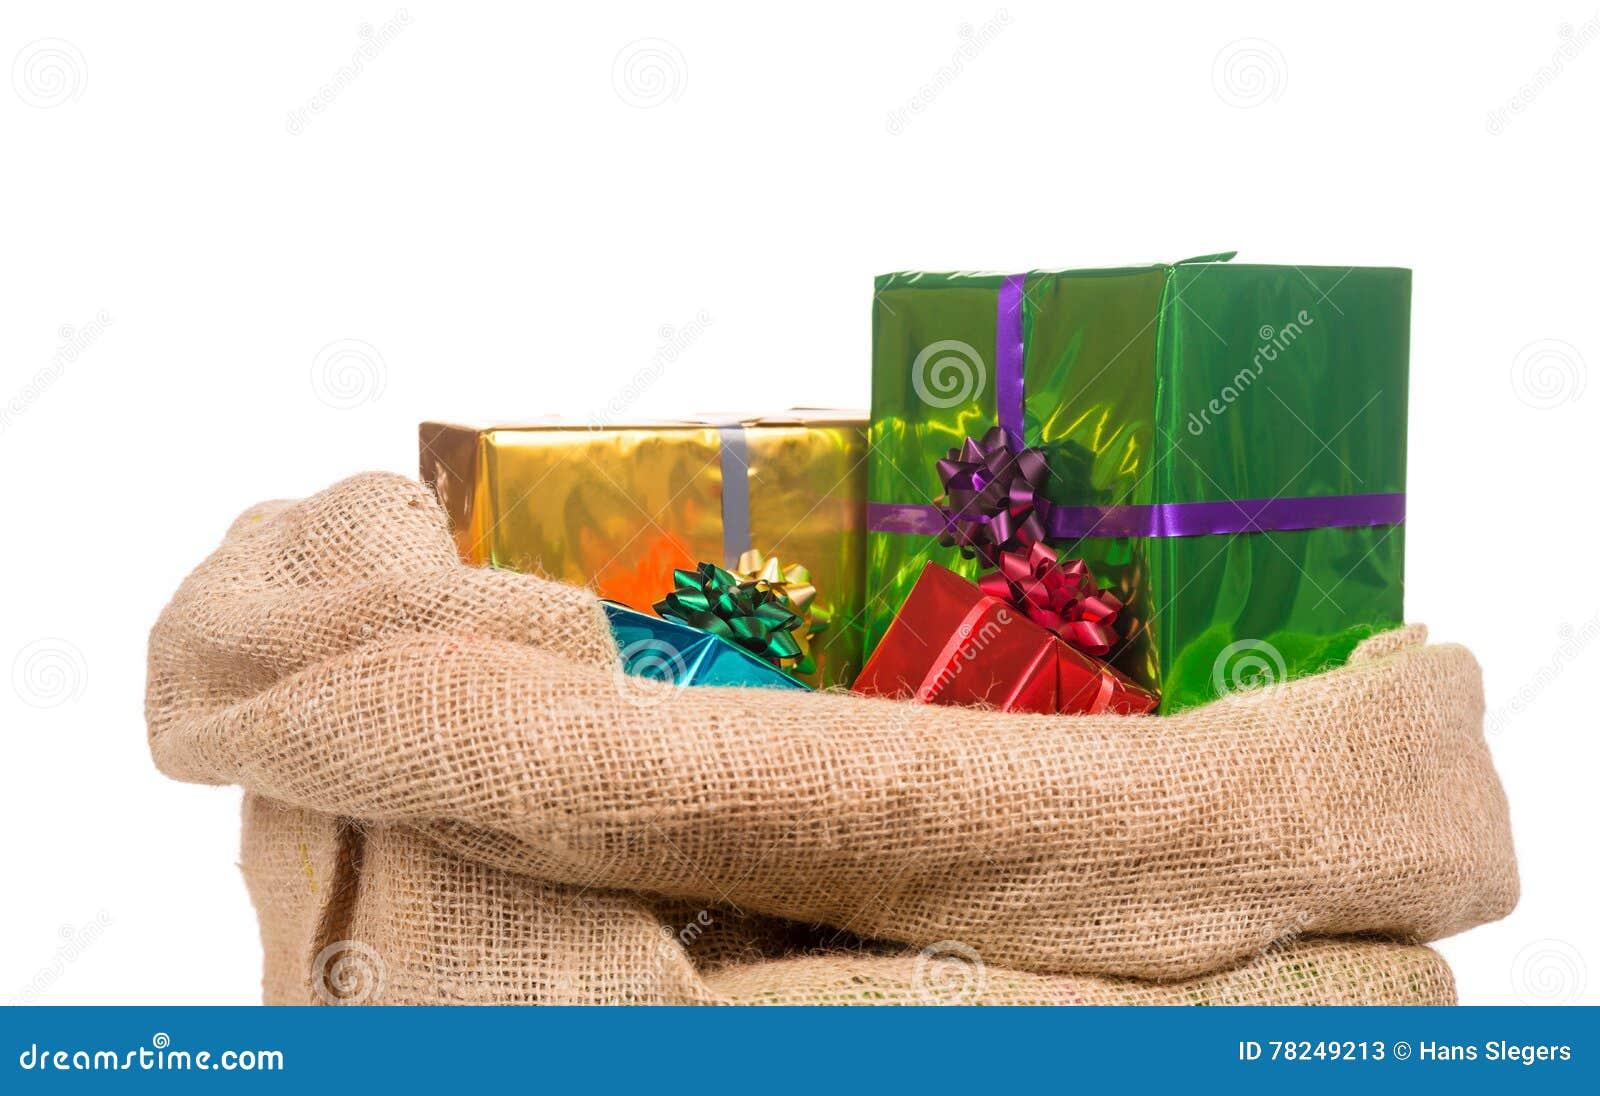 Sack Von Sankt Nikolaus Mit Geschenken Stockbild Bild Von Peter